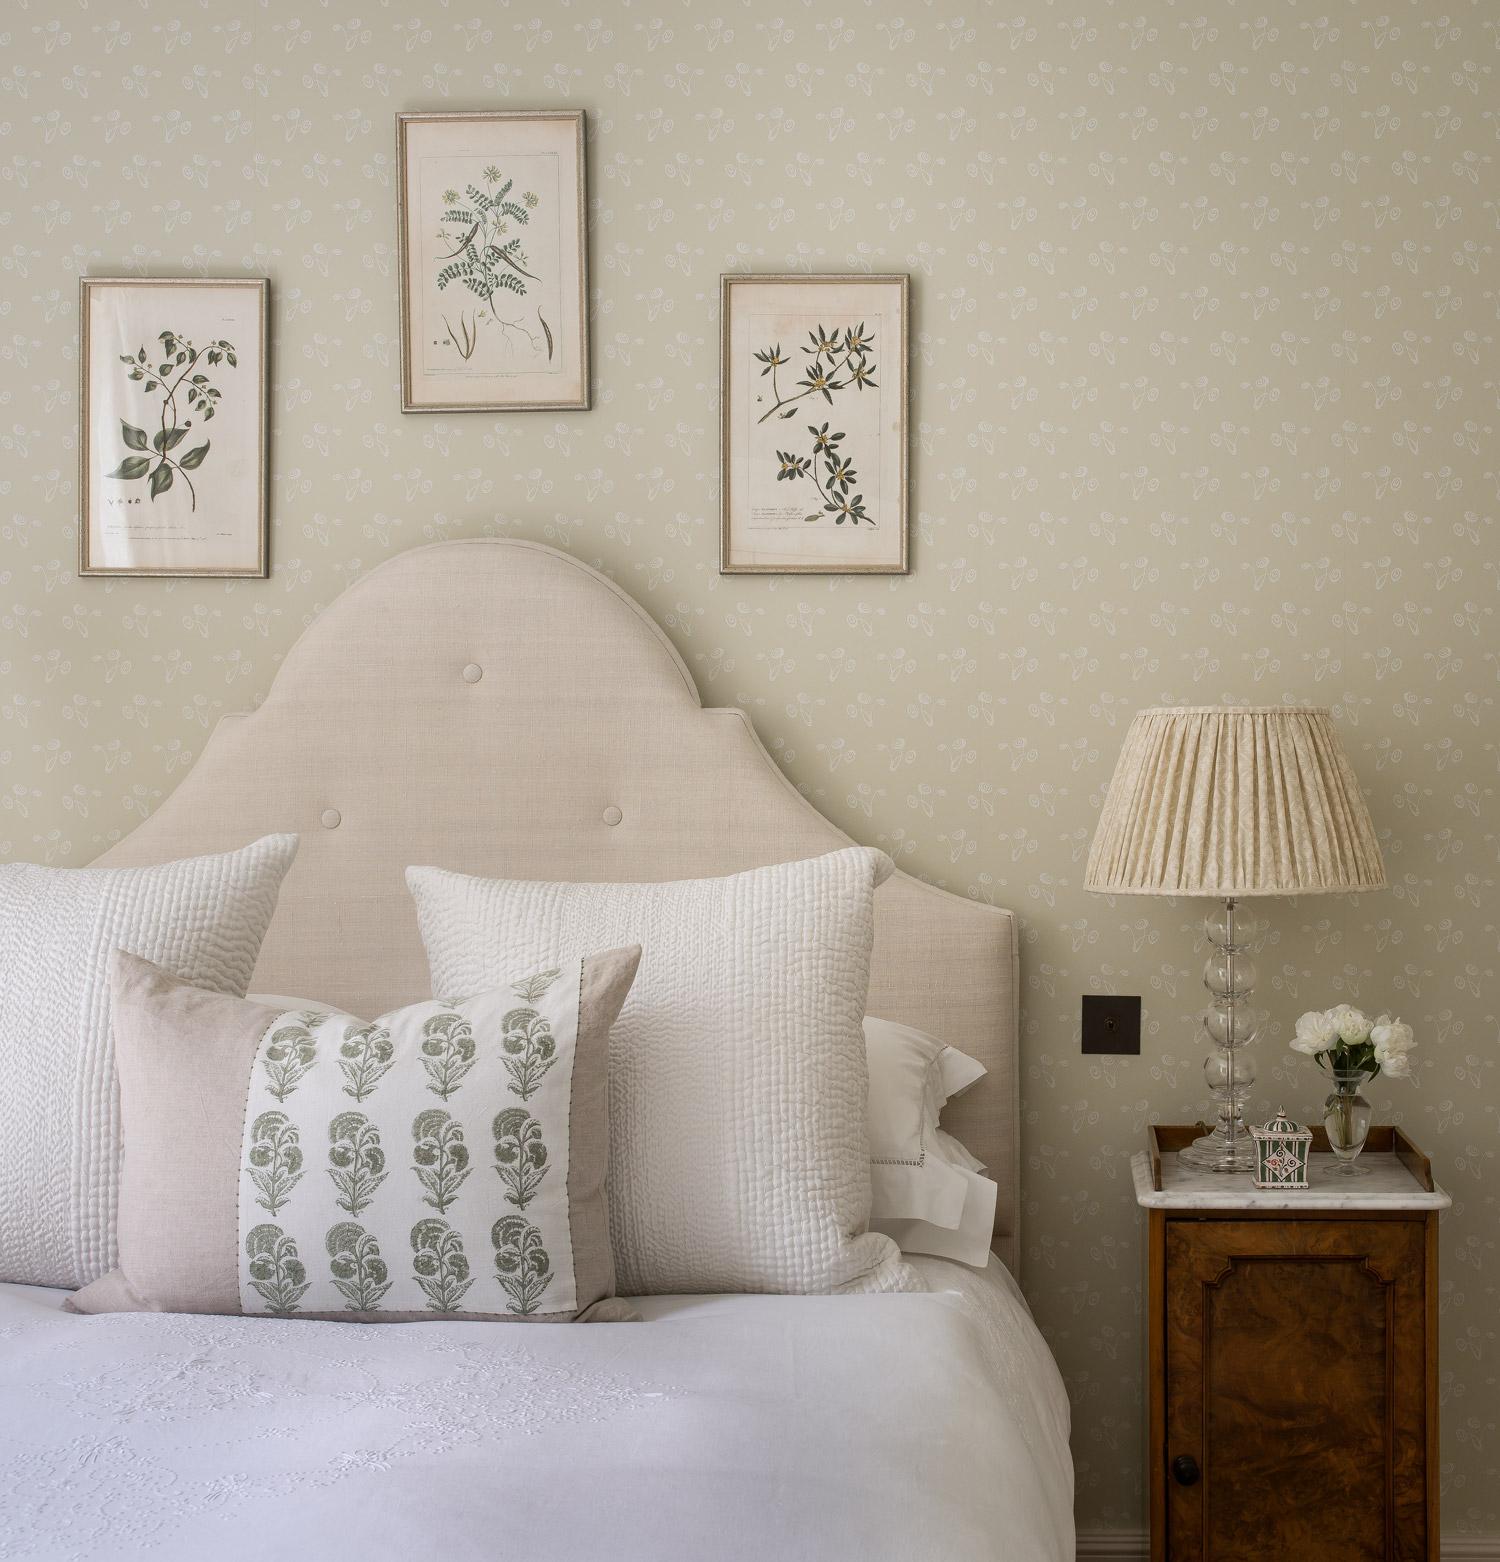 Bedroom – interior design by Eadie & Crole